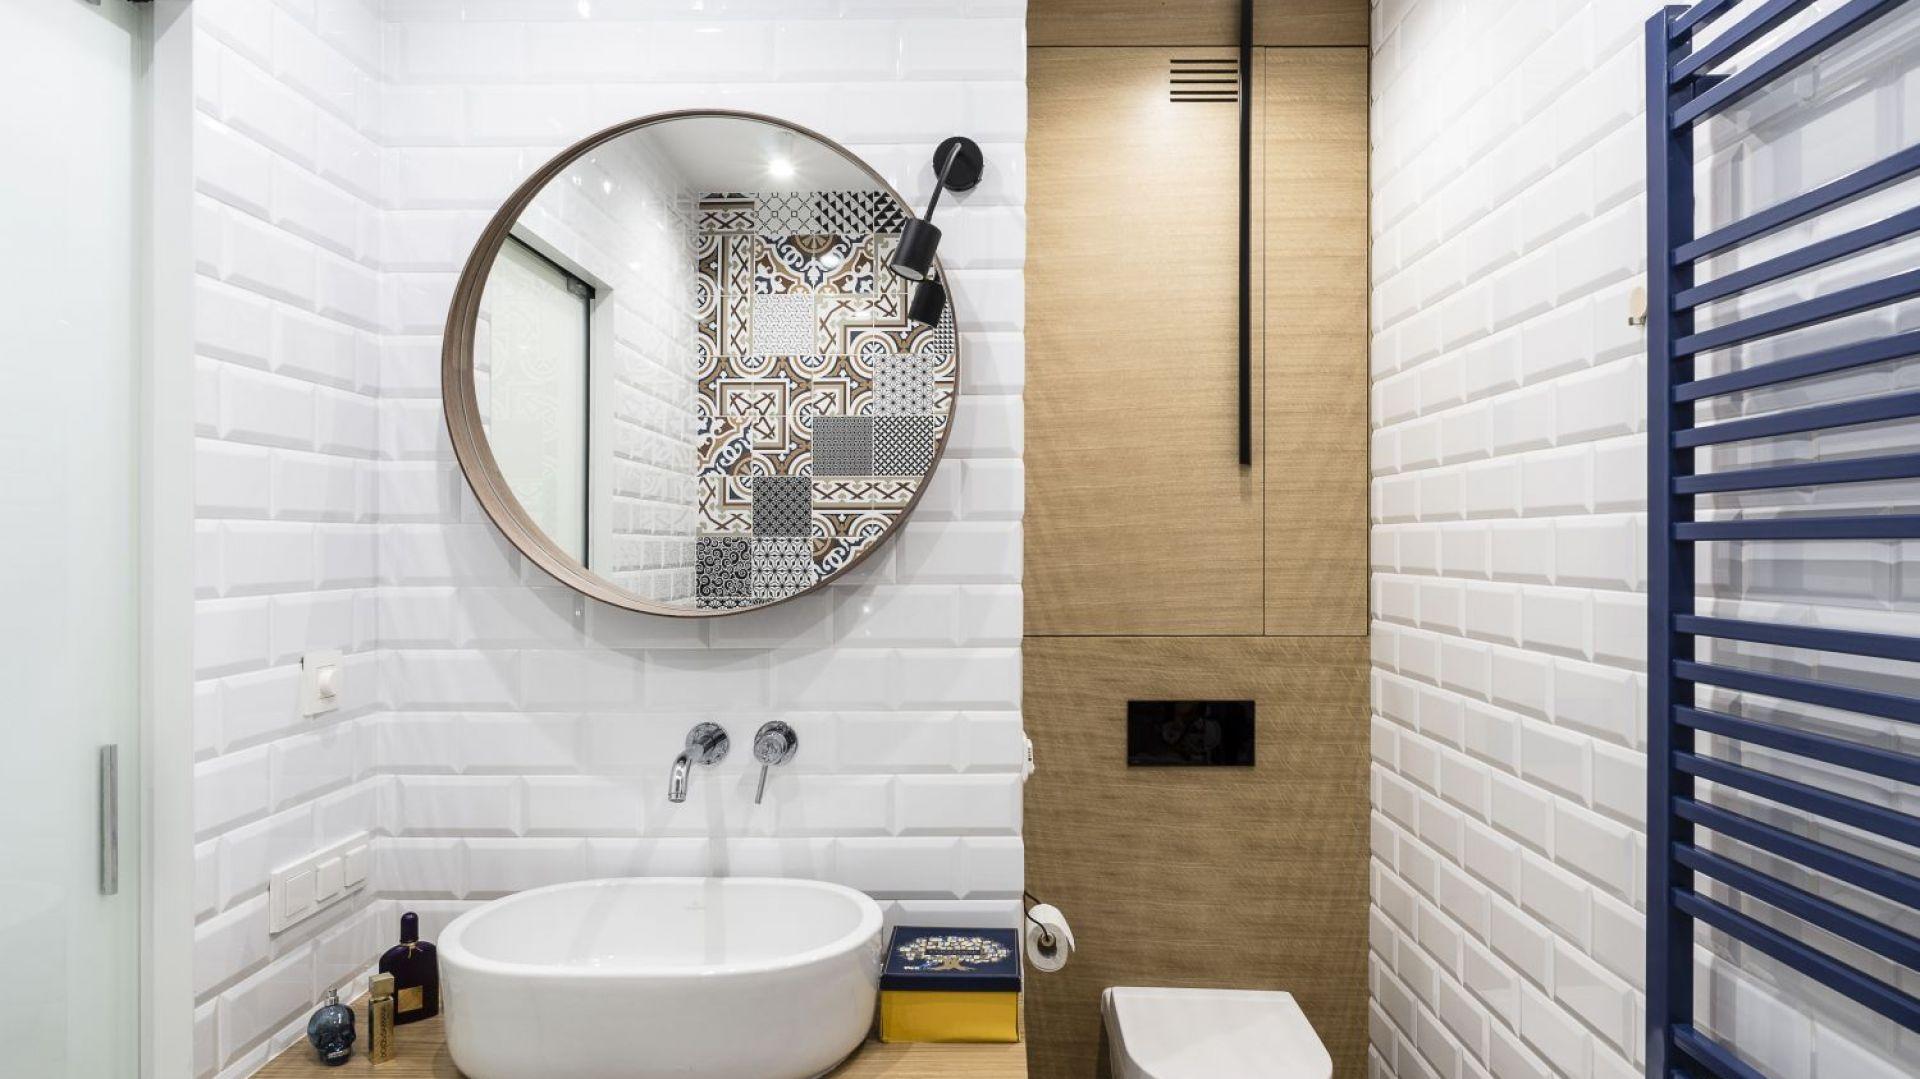 W łazience dominują białe kafle ocieplone drewnem. Projekt: Magdalena Bielicka, Maria Zrzelska-Pawlak. Fot. Foto&Mohito